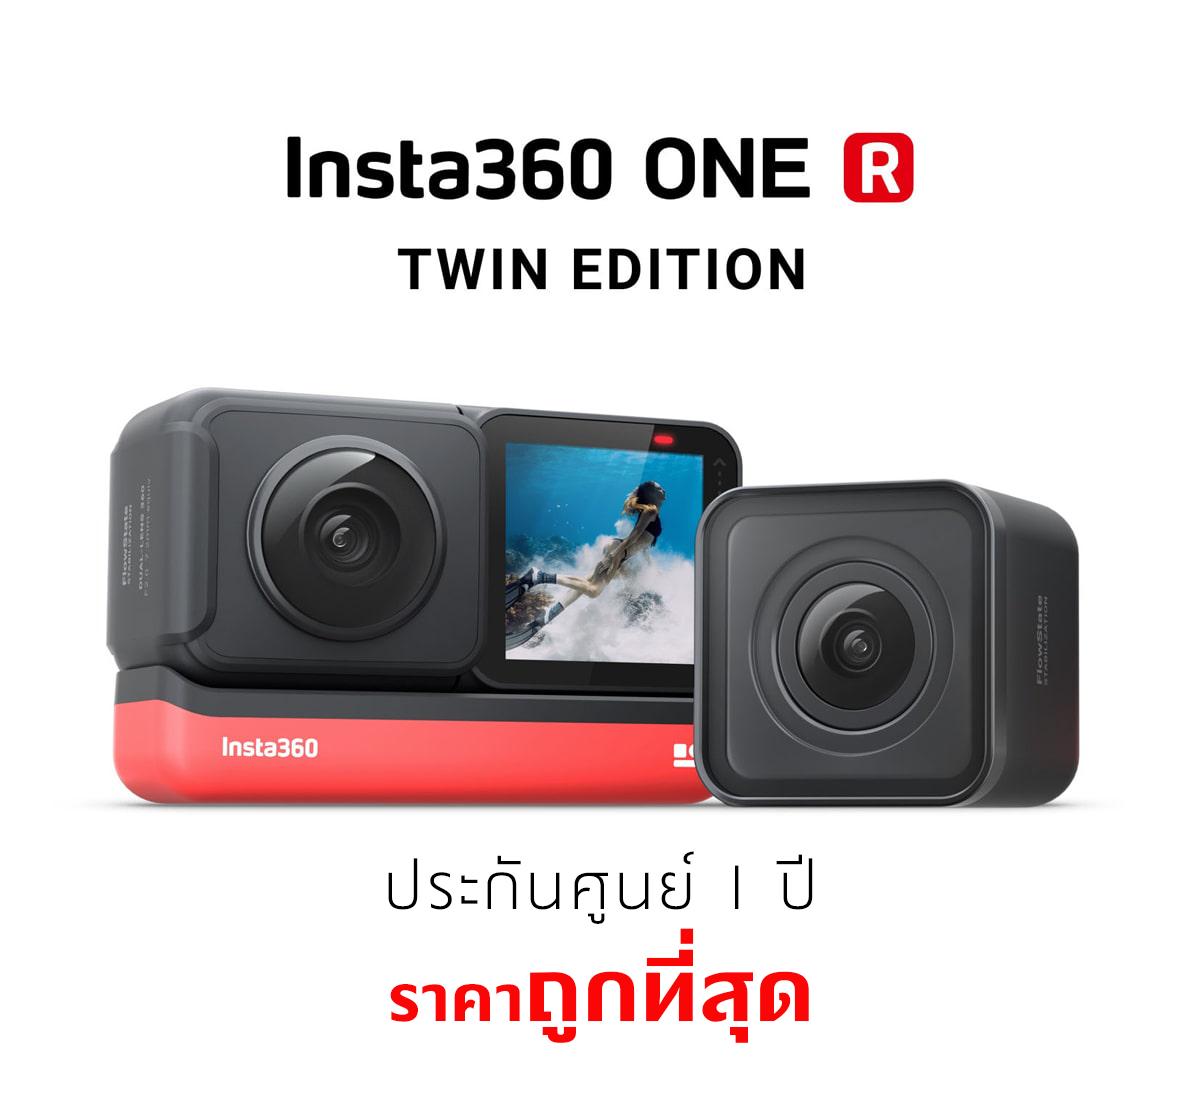 Insta360 One R Twin Edition กล้อง Action Camera 360 องศา ประกันศูนย์ 1 ปี ส่งฟรี.